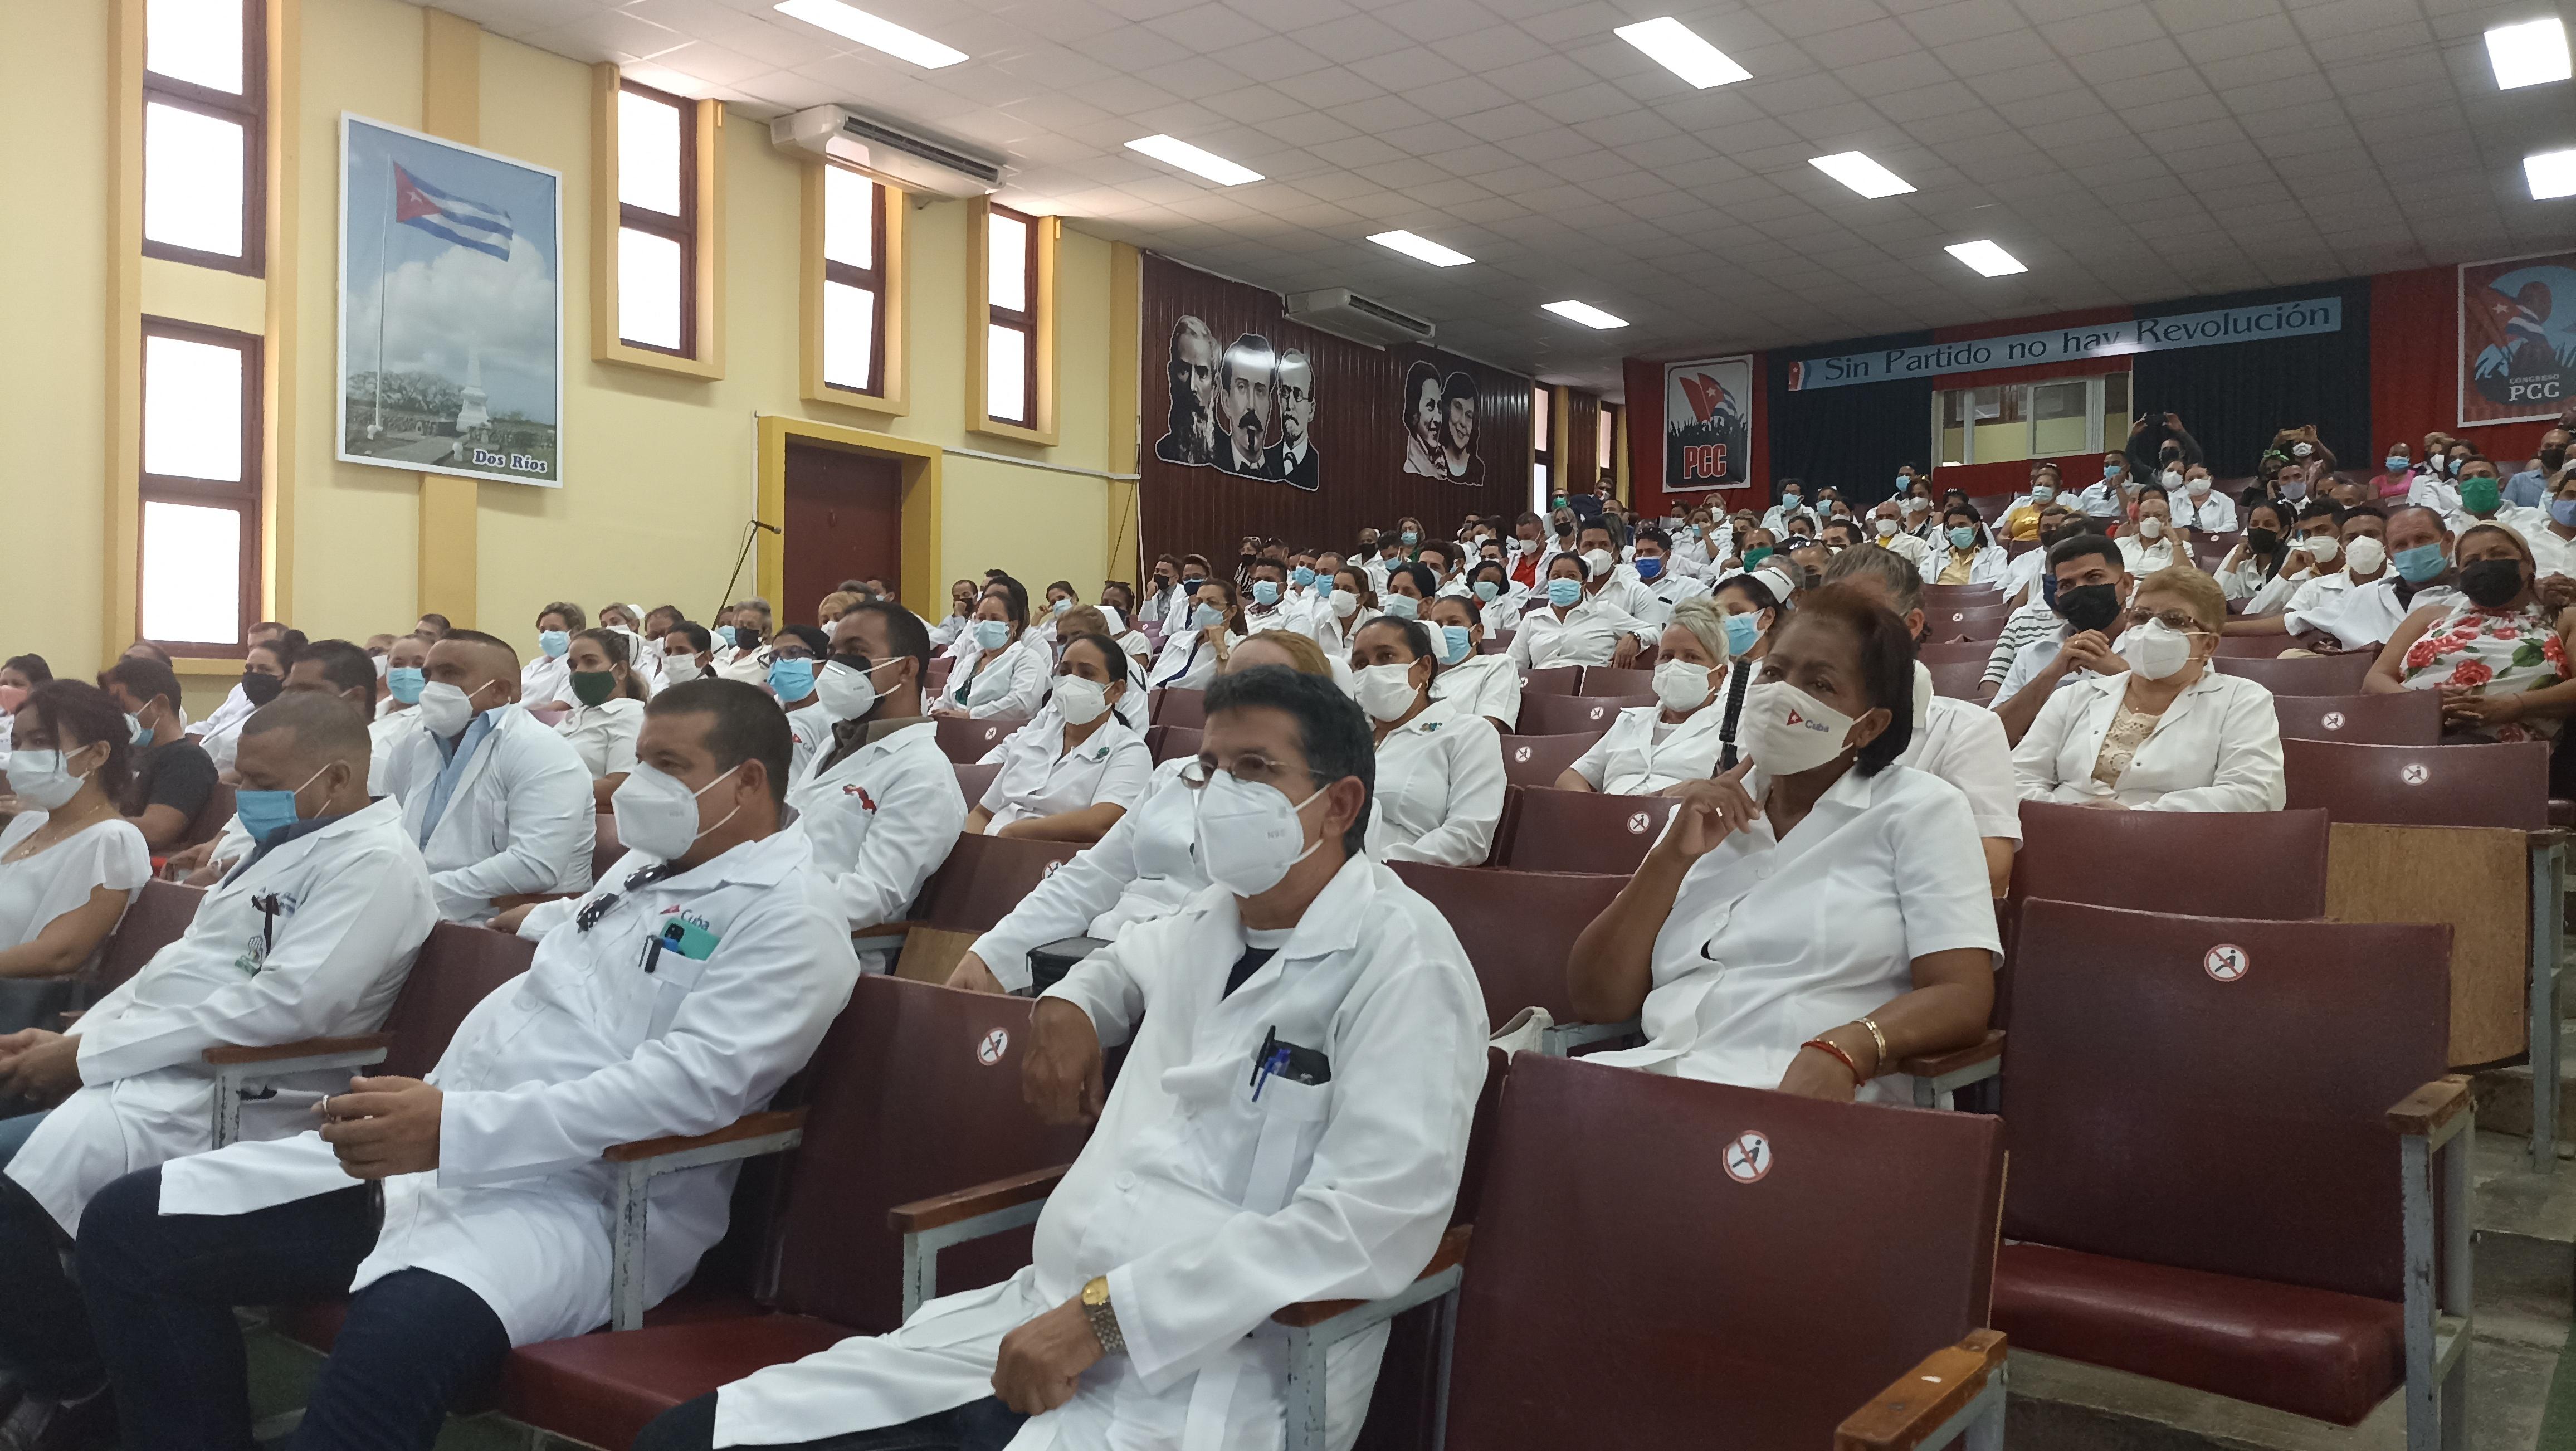 Trabajadores del sector de la salud reafirman su apoyo al proceso revolucionario